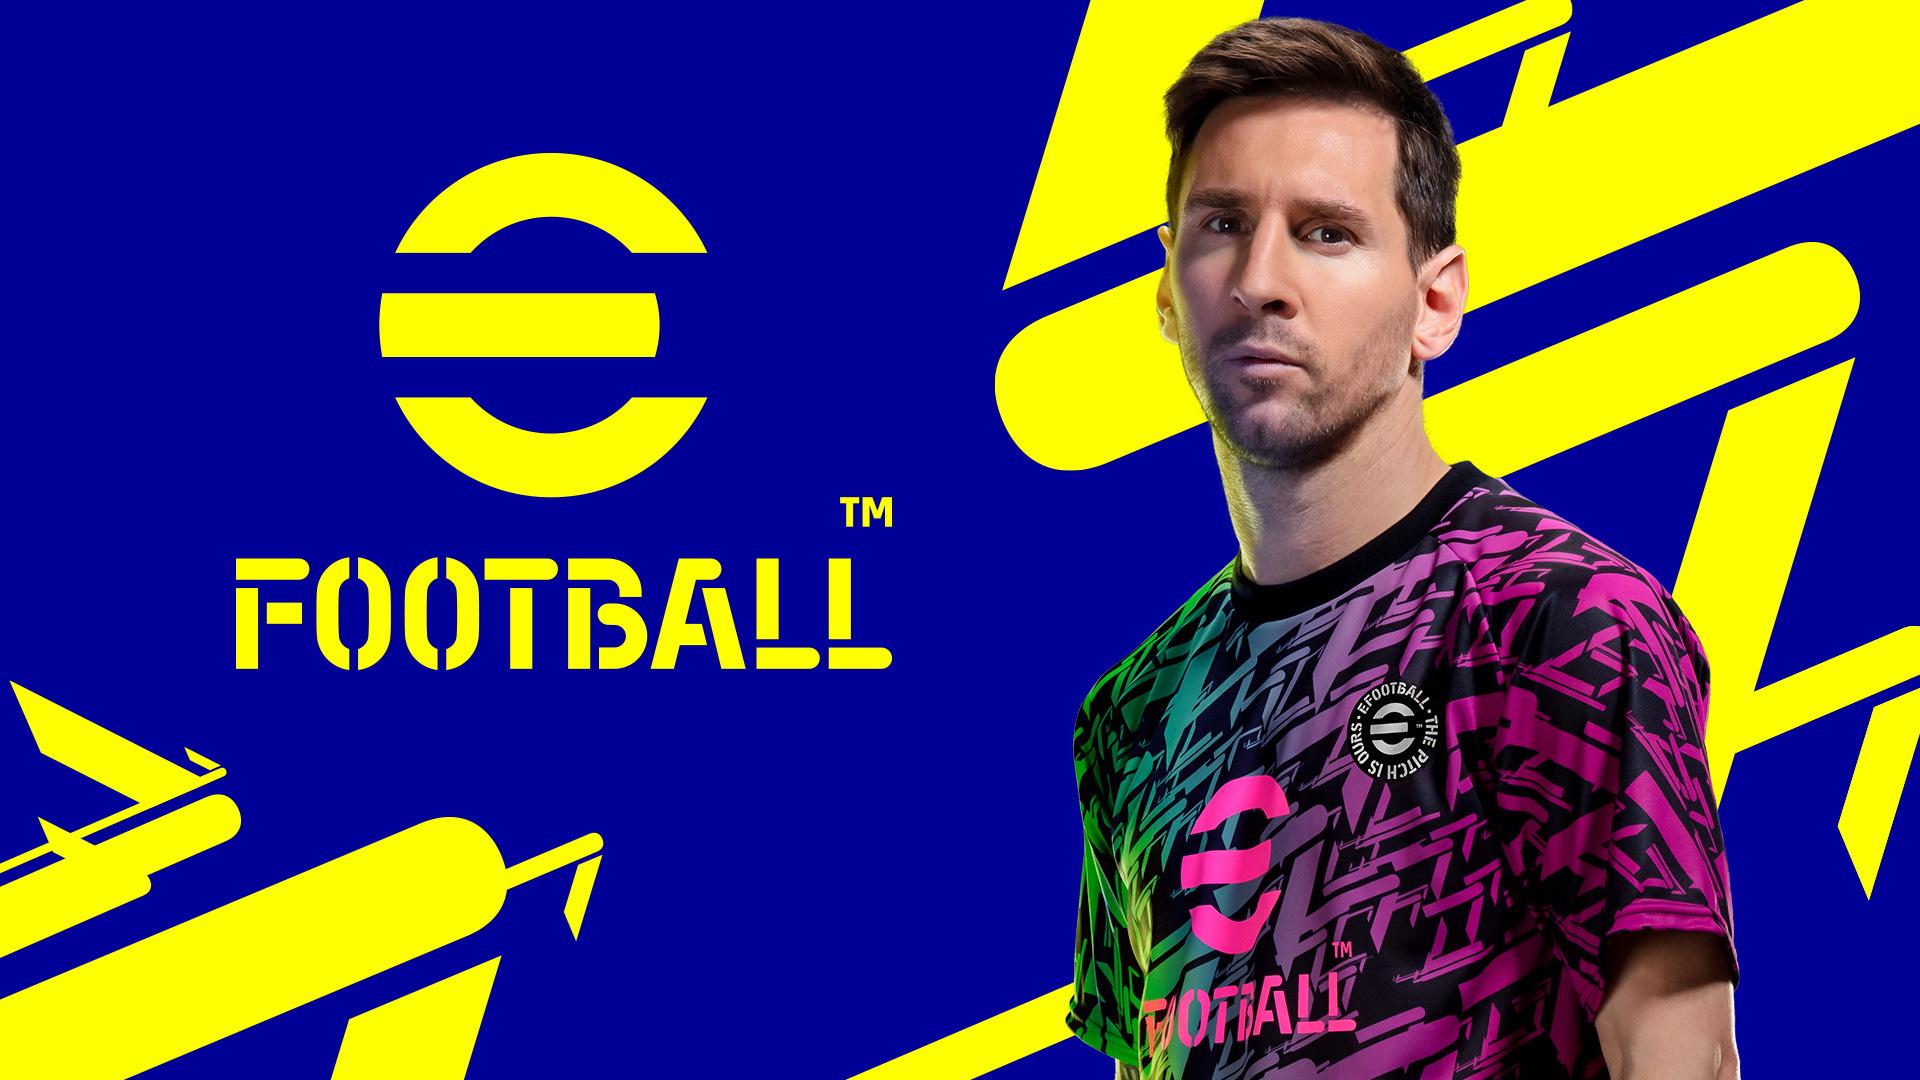 Jogos: eFootball chega no fim de setembro com 9 times